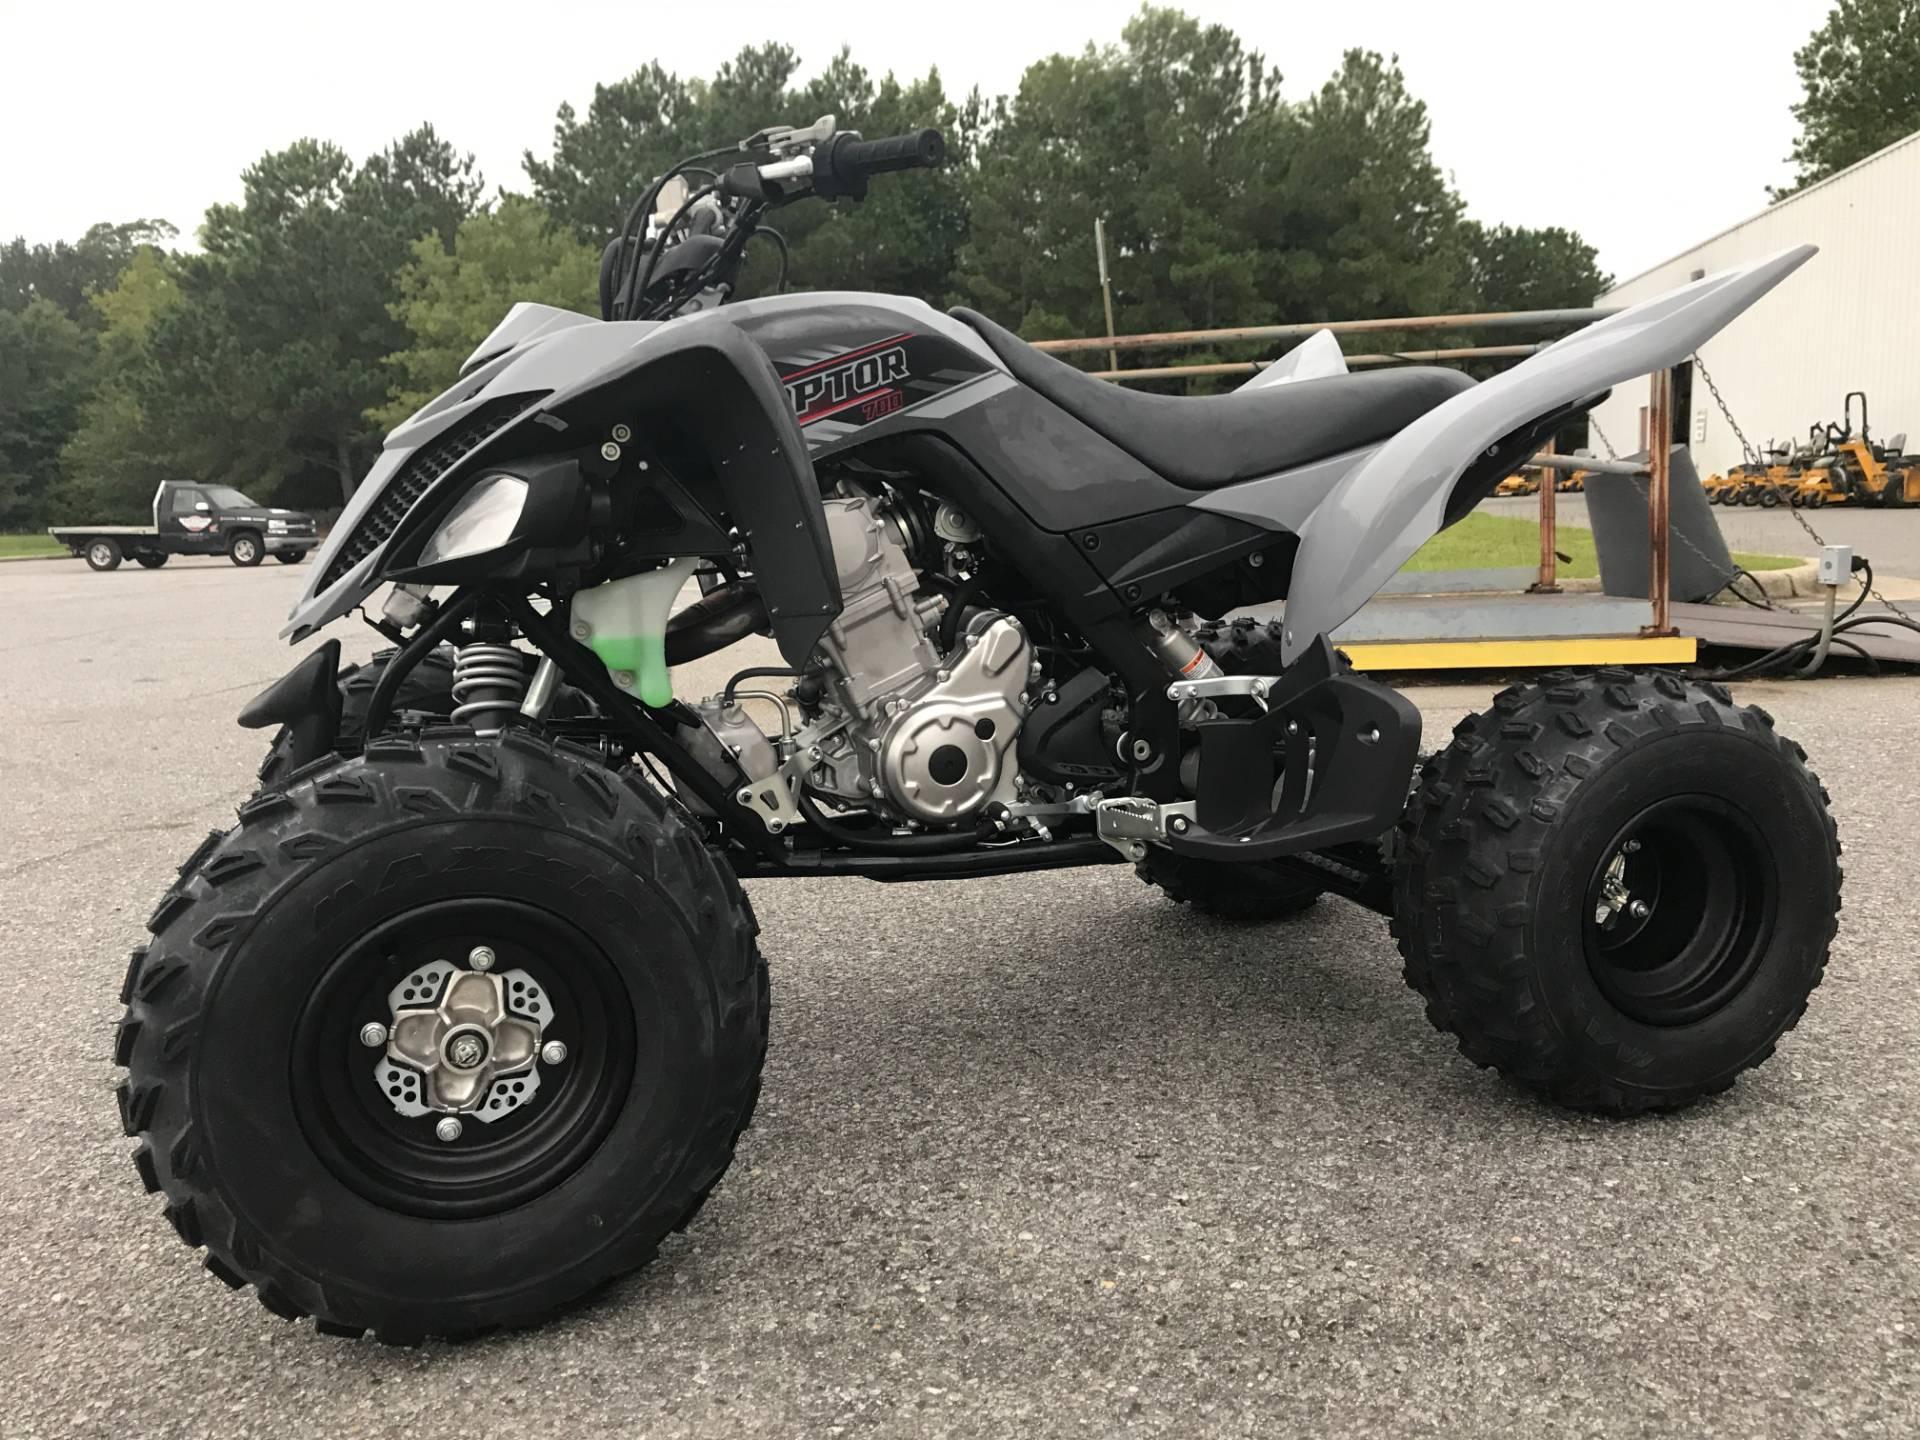 2018 Yamaha Raptor 700 6